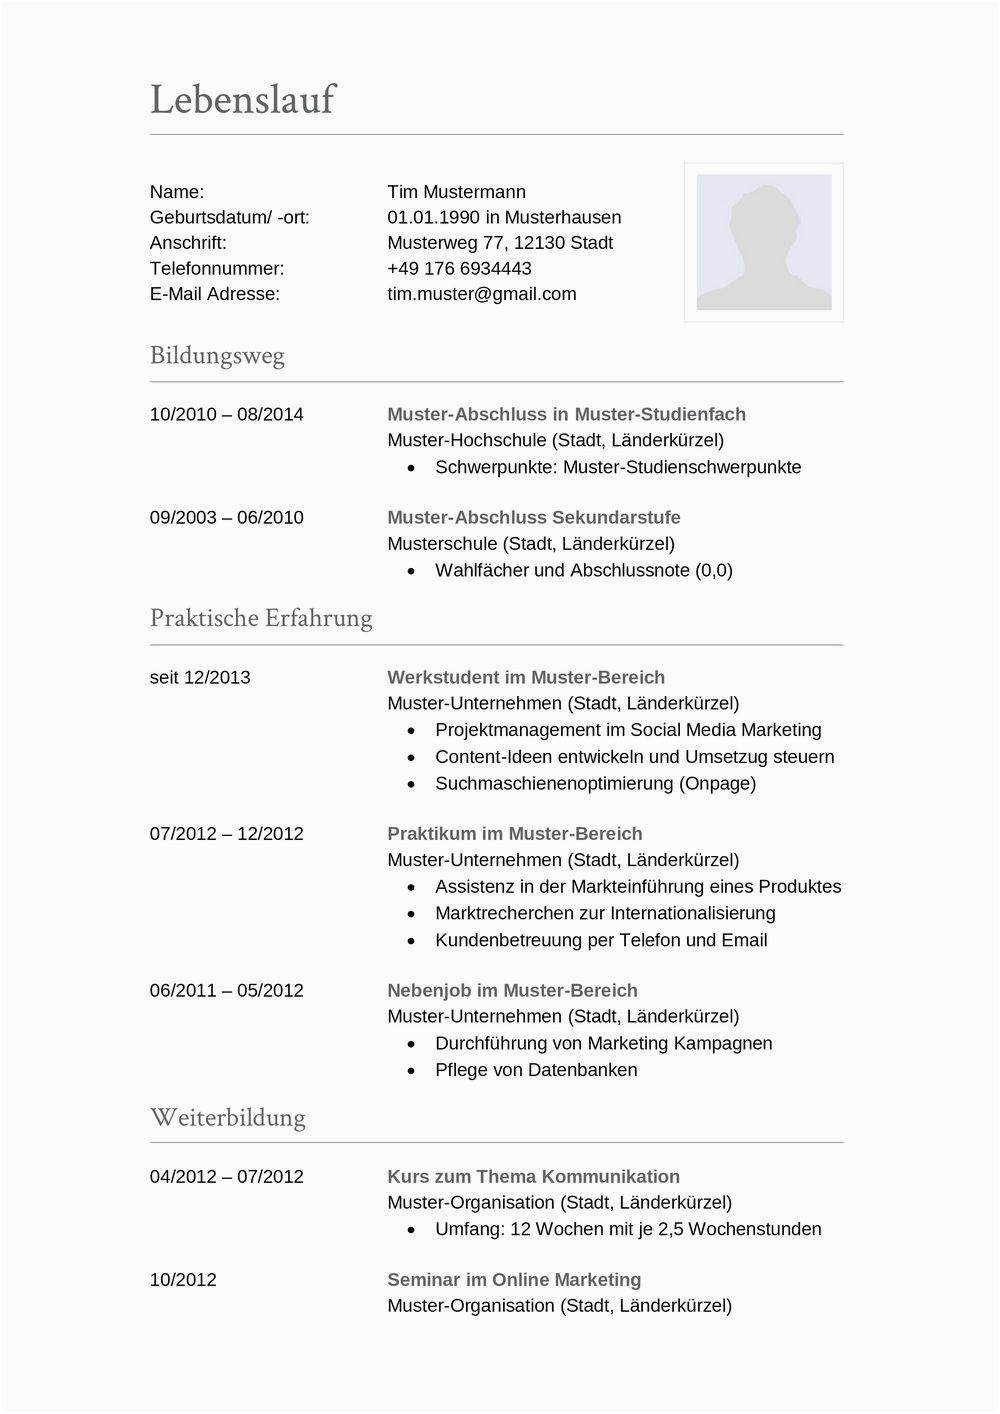 Lebenslauf Buchhalter Vorlagen Lebenslauf Muster Für Buchhalter